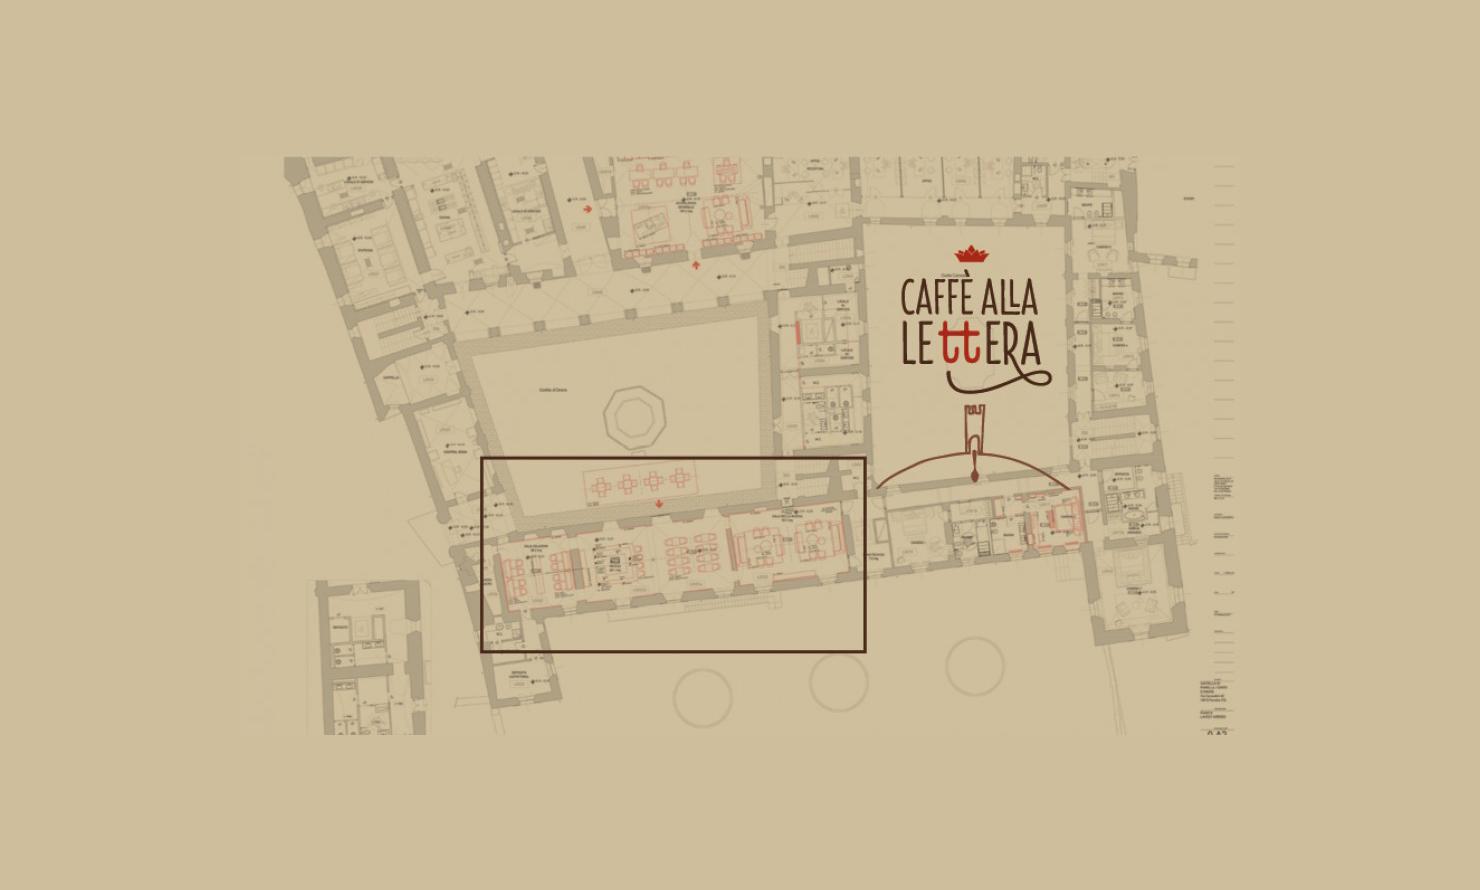 https://kubelibre.com/uploads/Slider-work-tutti-clienti/manital-vistaterra-caffè-alla-lettera-la-caffetteria-di-vistaterra-2.jpg